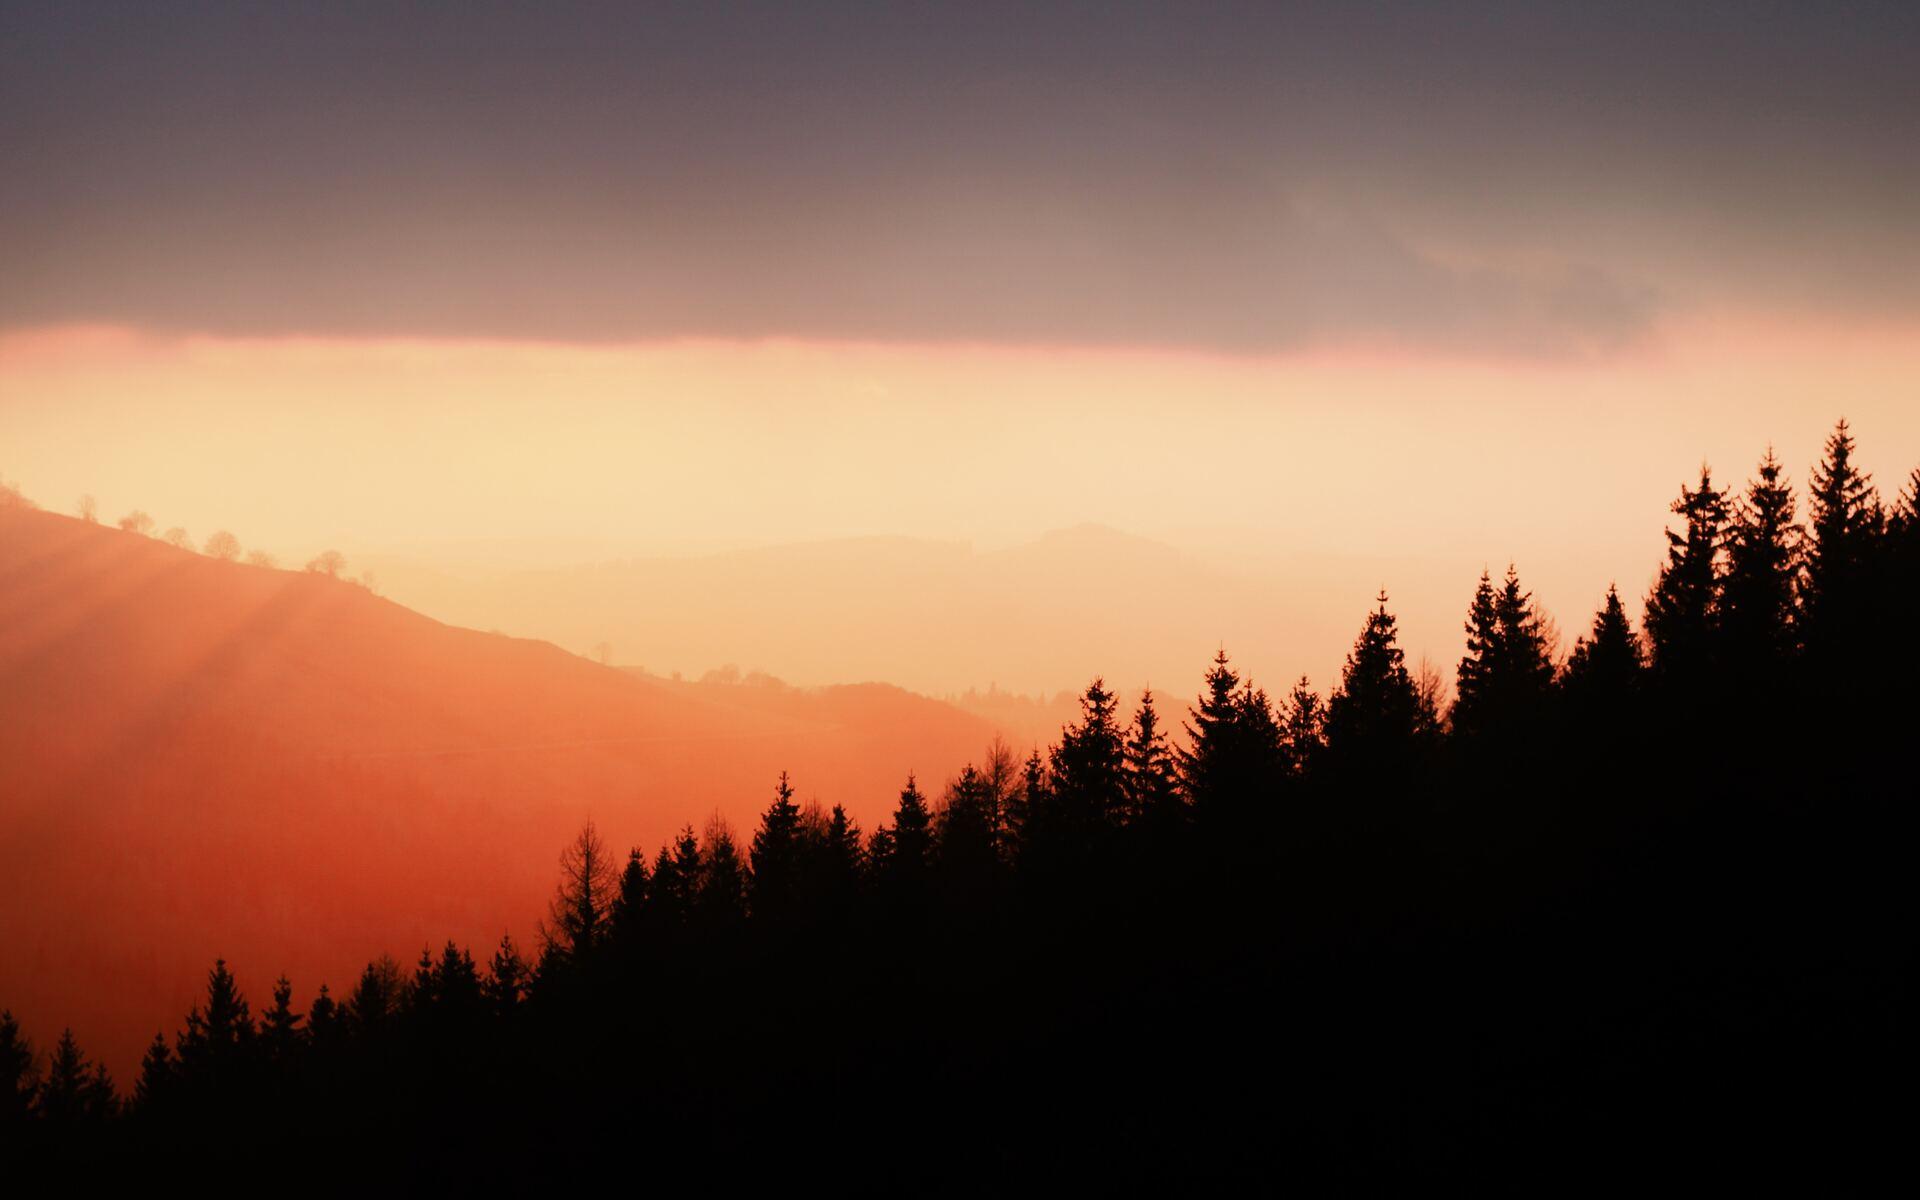 sunset-over-cantal-5k-6s.jpg